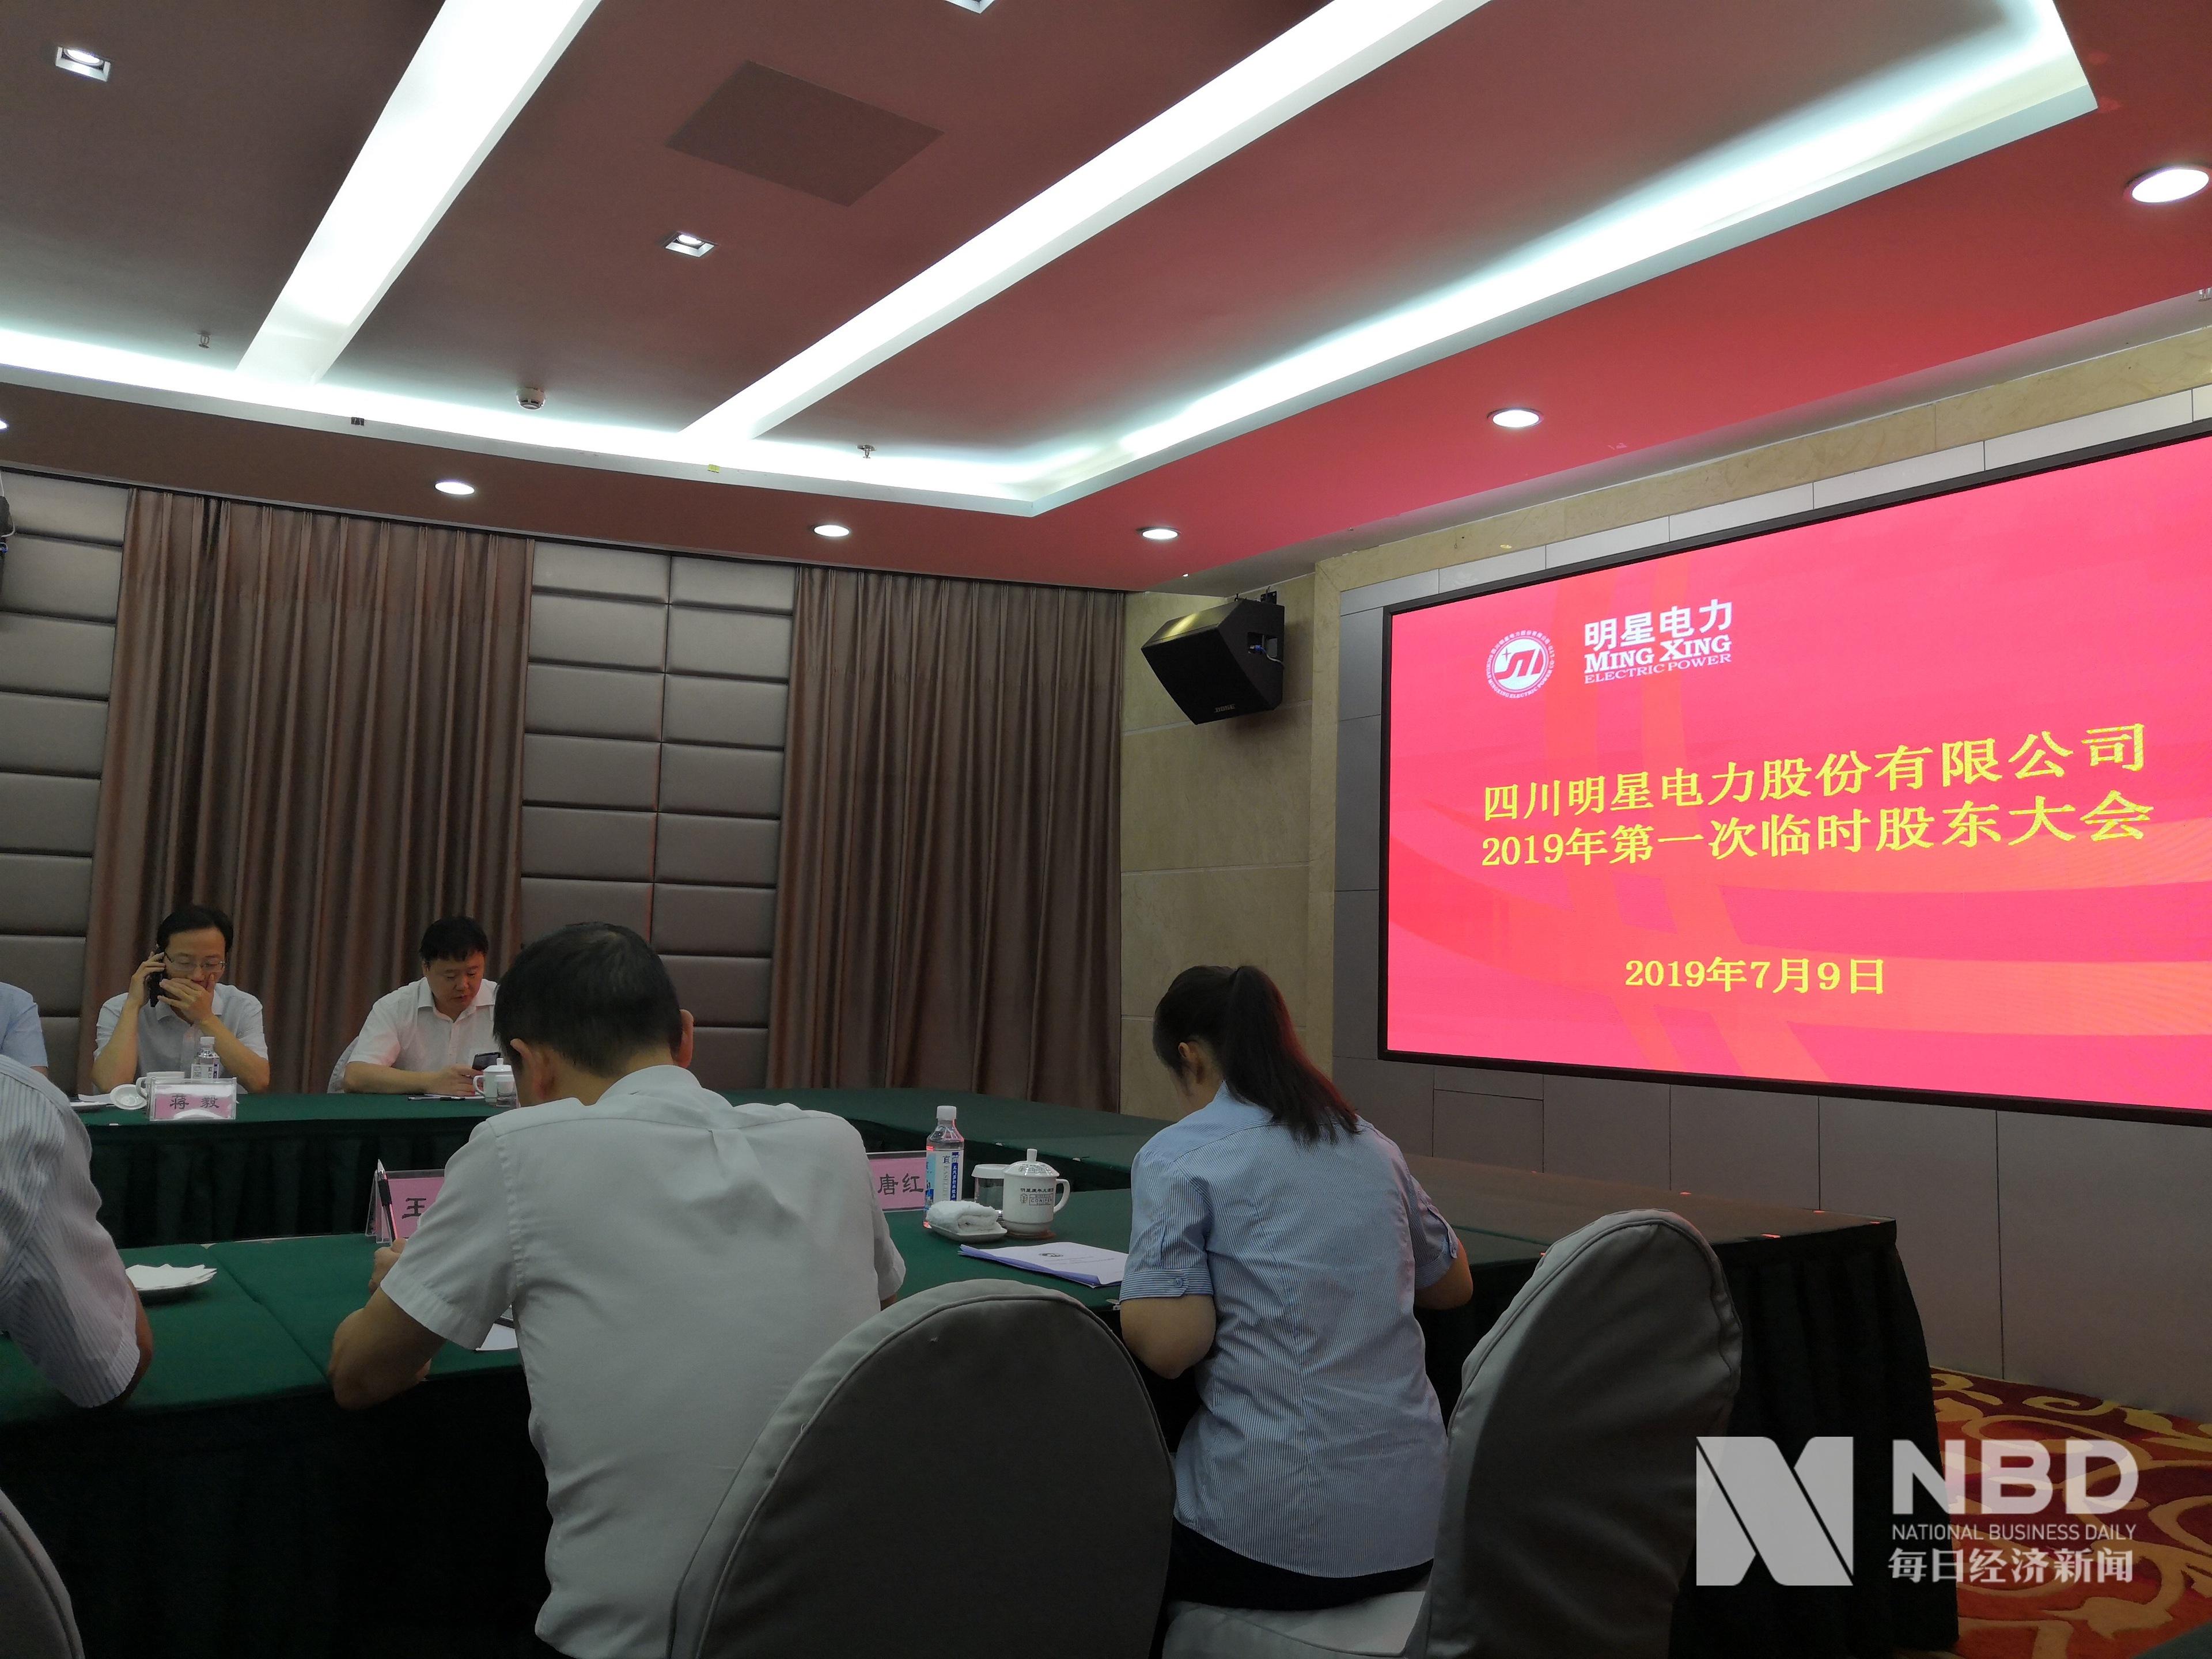 专访明星电力董事长王更生:瘦身健体 加强内部管控降损耗